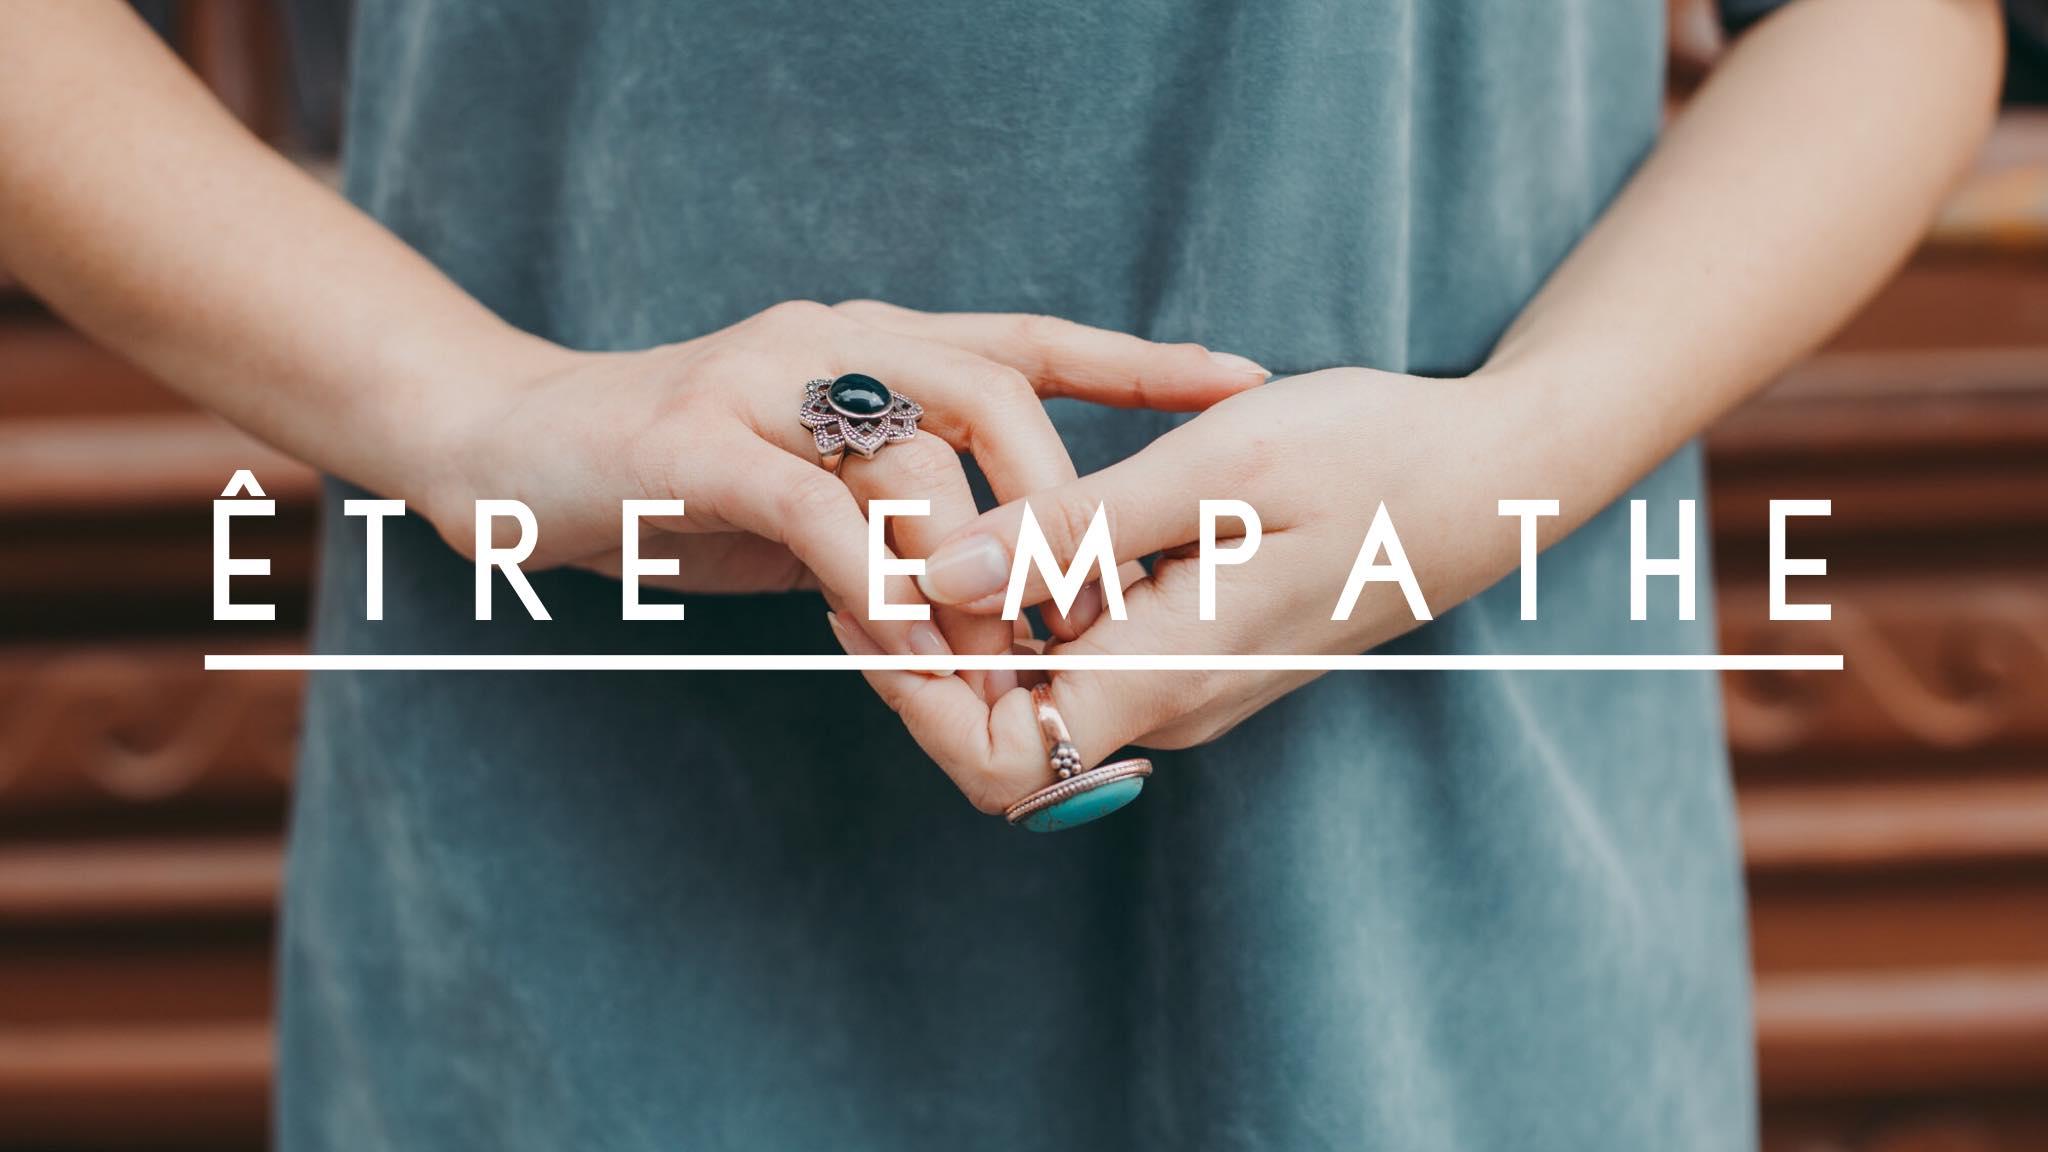 être empathe